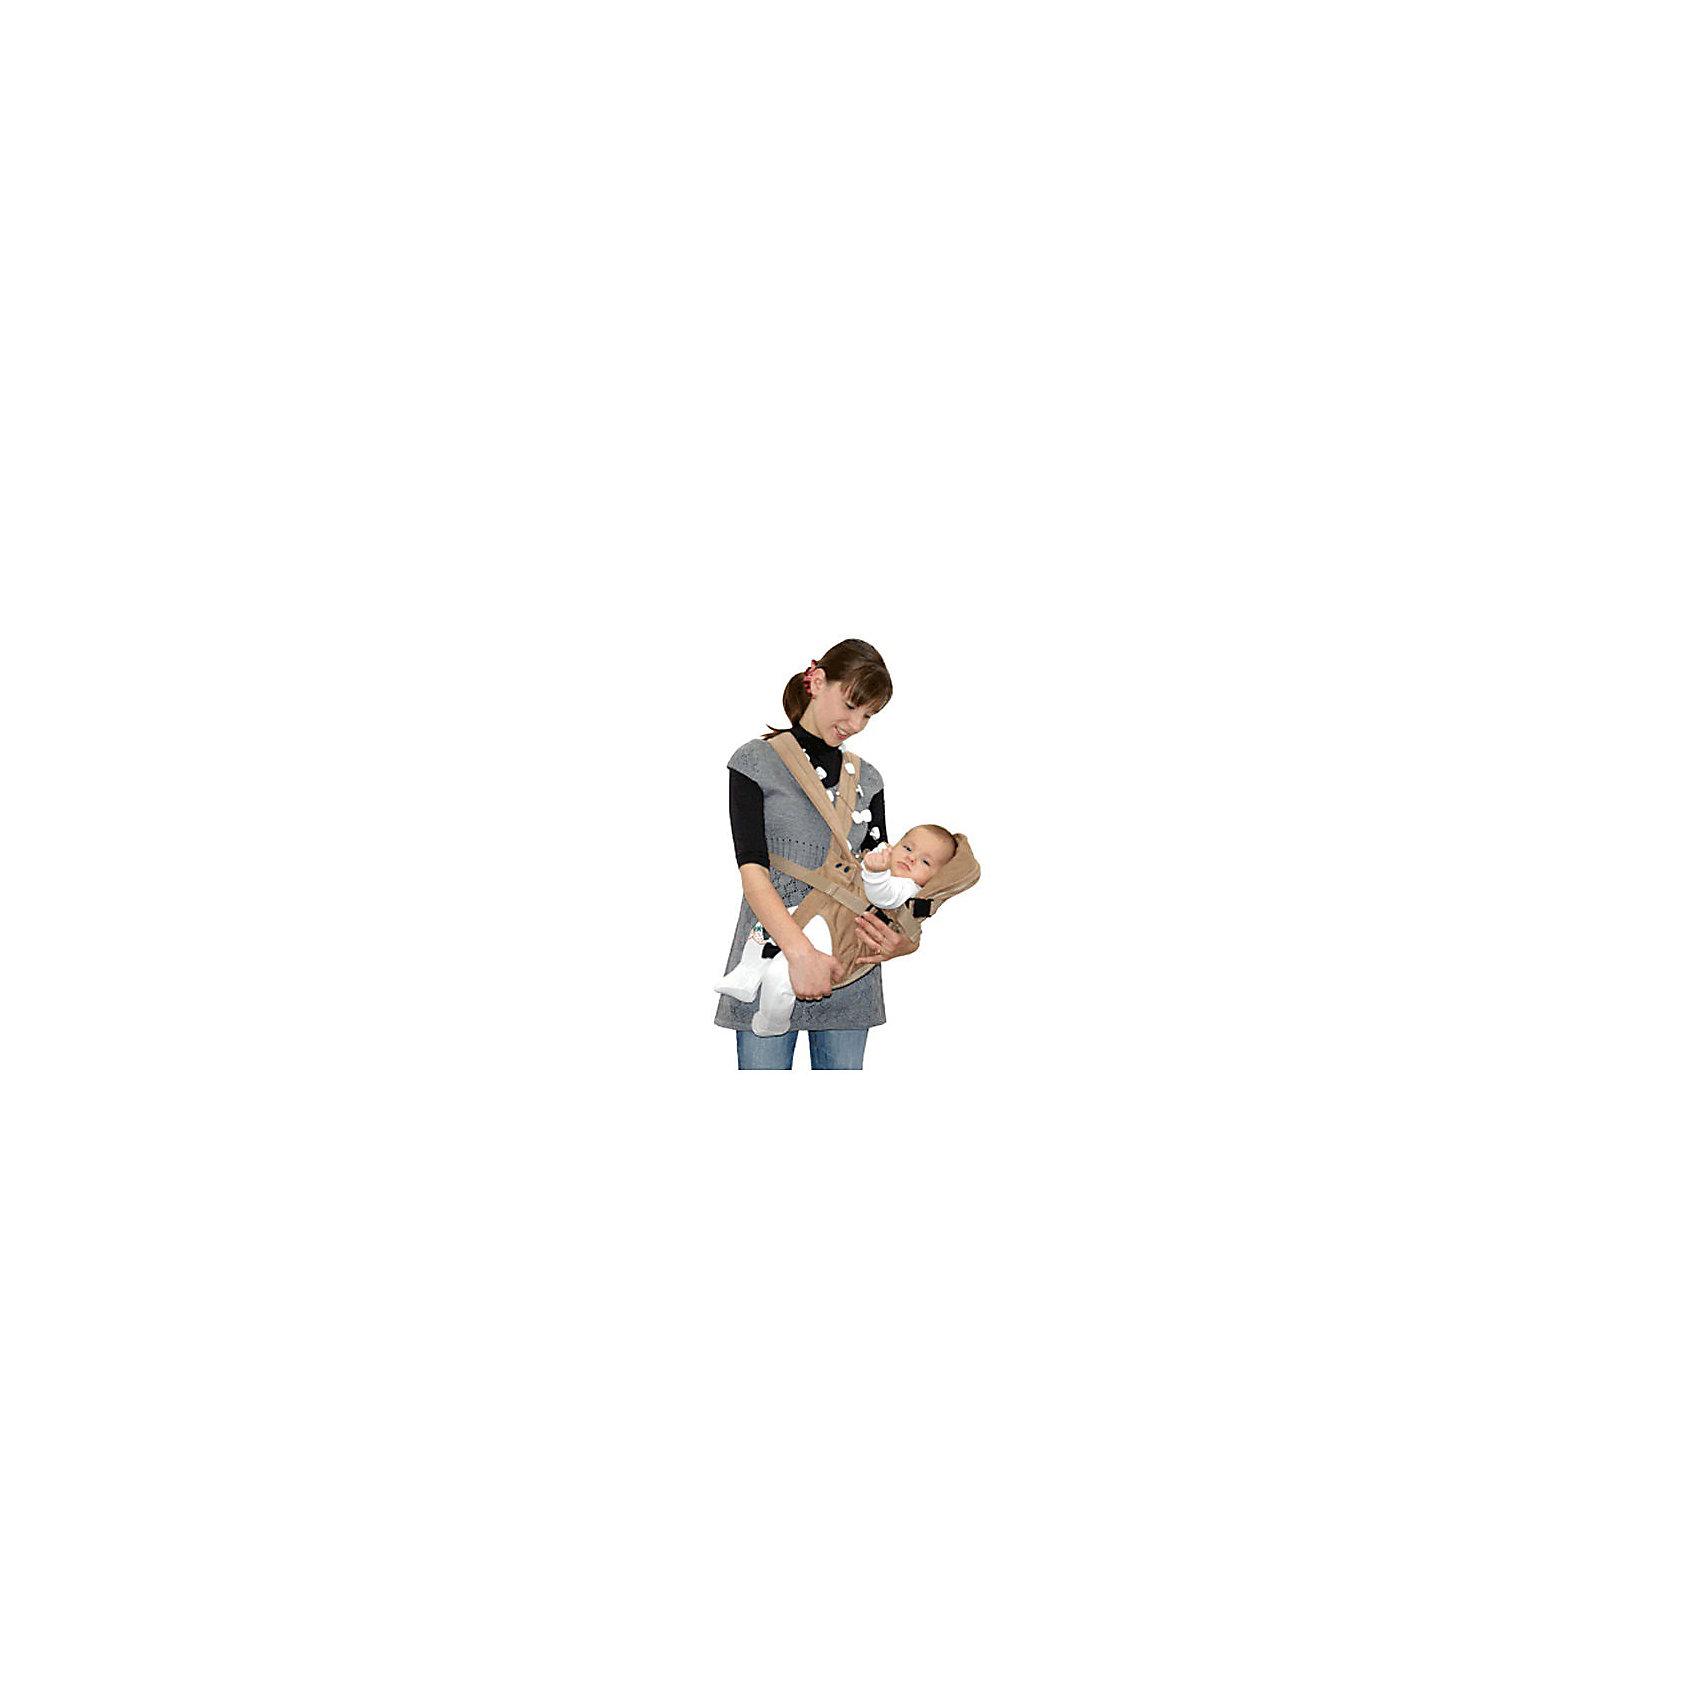 Кенгуру-рюкзак KENGO, Little PeopleУдобный кенгуру-рюкзак позволит переносить ребенка, не беспокоясь при этом о его безопасности. В таком изделием ребенка можно располагать лицом к родителю со спущенными вниз ногами, лежа, сидя с капюшоном или лицом к внешнему миру.<br>Кенгуру-рюкзак дает возможность свободно двигаться, путешествовать, ходить в гости и при этом  быть рядом с малышом. Конструкция  - очень удобная и прочная. Изделие произведено из качественных и безопасных для малышей материалов, оно соответствуют всем современным требованиям безопасности.<br> <br>Дополнительная информация:<br><br>цвет: разноцветный;<br>4 положения ребенка;<br>материал: текстиль;<br>для ношения ребенка от 2 до 9 кг.<br><br>Кенгуру-рюкзак KENGO, Little People, от компании Золотой Гусь можно купить в нашем магазине.<br><br>Ширина мм: 600<br>Глубина мм: 500<br>Высота мм: 300<br>Вес г: 900<br>Возраст от месяцев: 2<br>Возраст до месяцев: 9<br>Пол: Унисекс<br>Возраст: Детский<br>SKU: 4720126